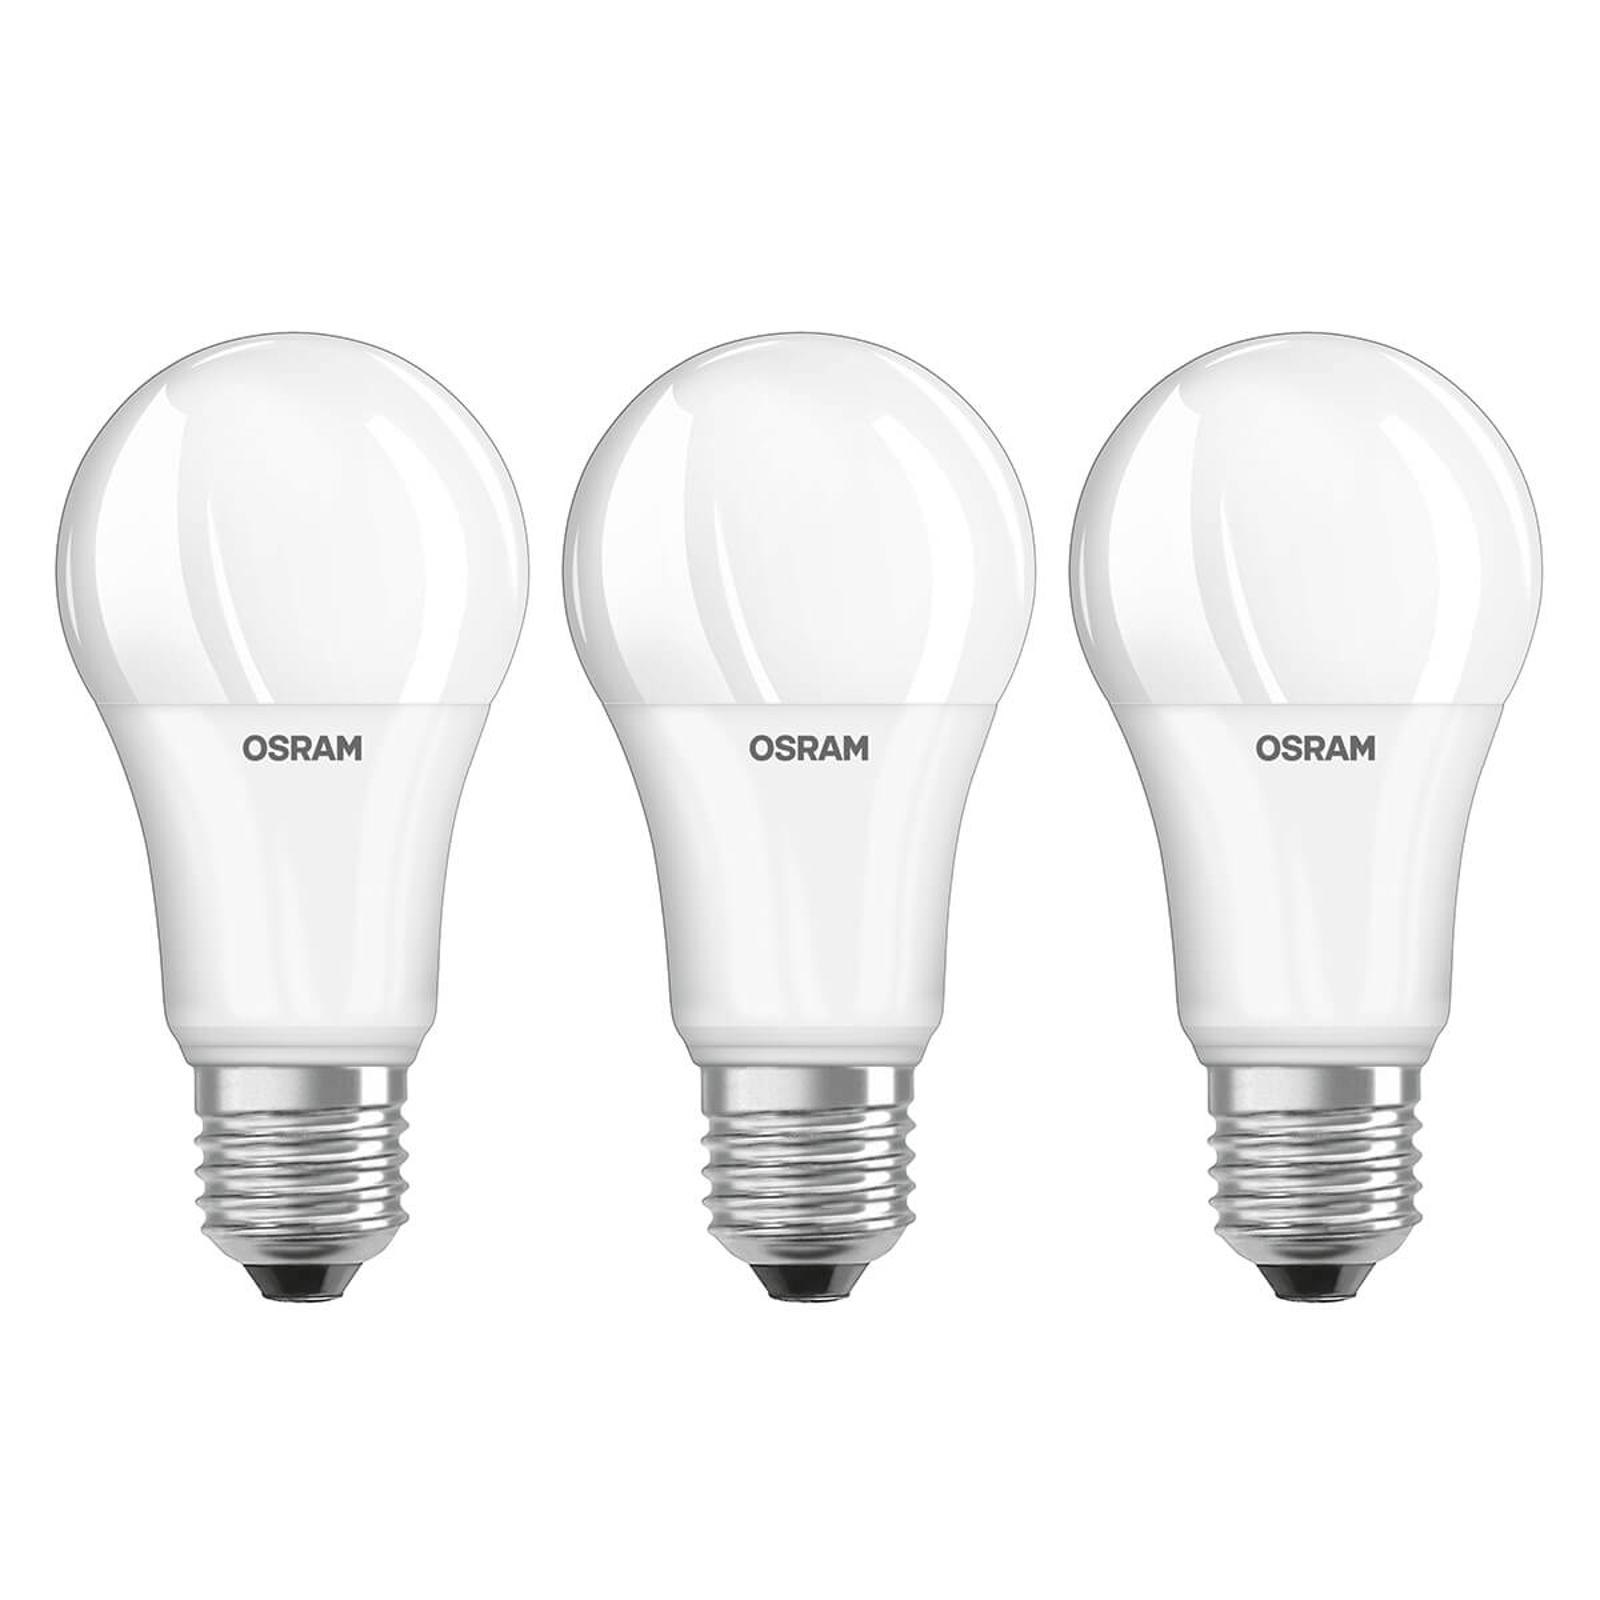 Żarówka LED E27 13W, uniwersalna biel, 3 szt.